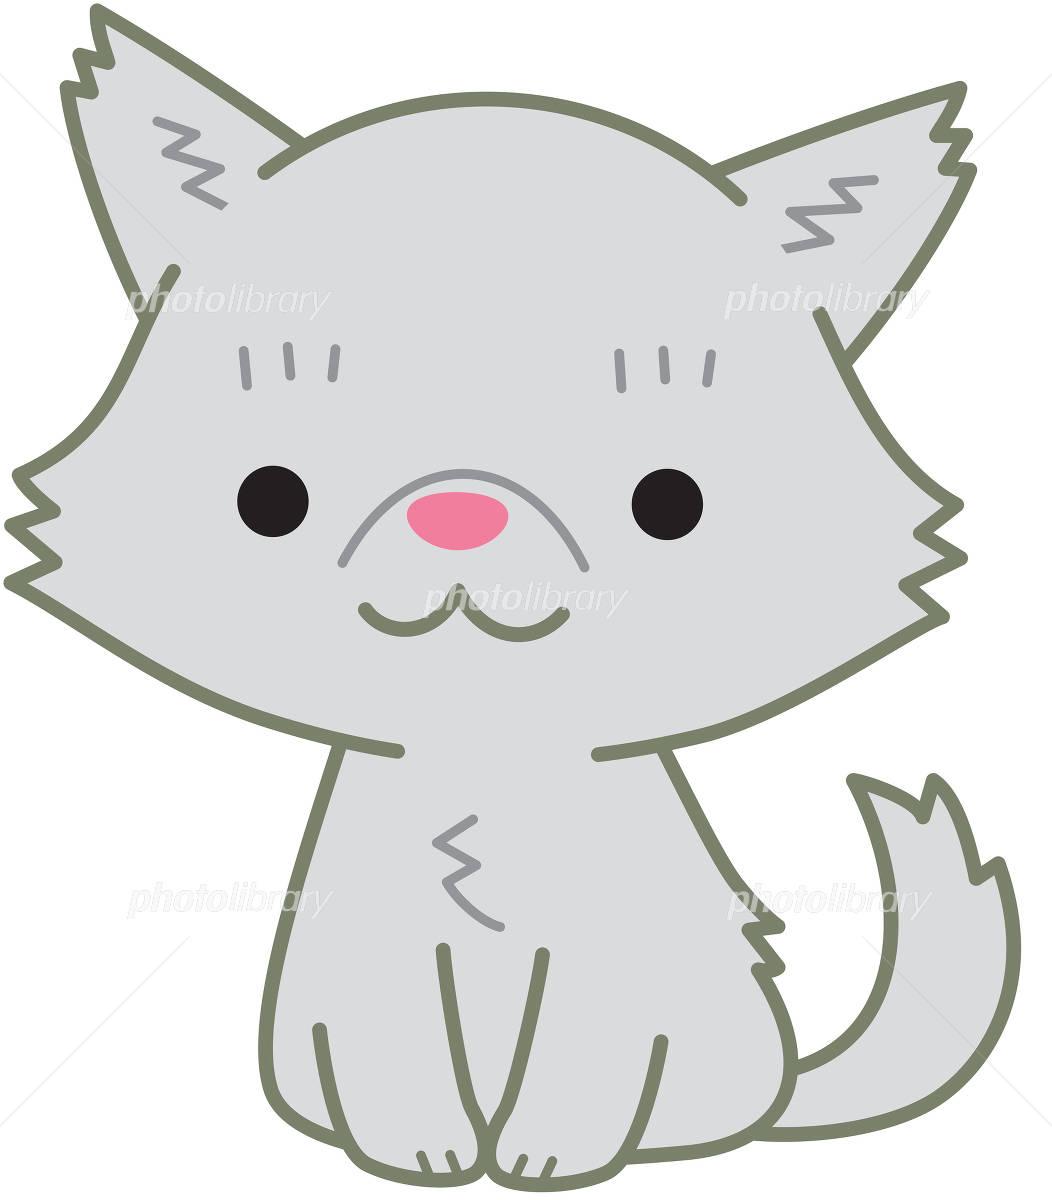 ペルシャ猫 グレー イラスト素材 [ 4914736 ] , フォトライブ